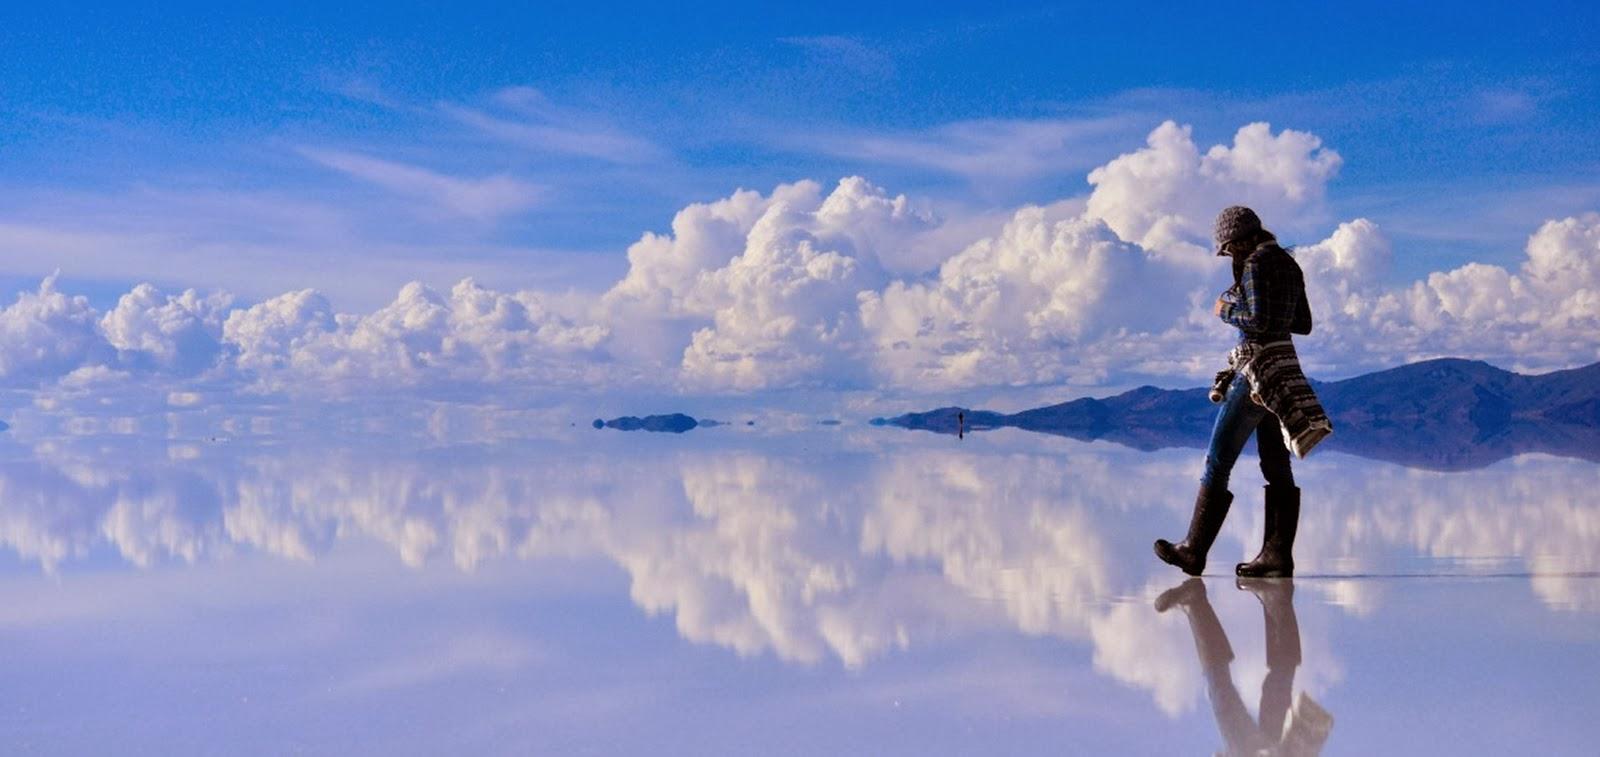 10 Tempat Terindah dan Menakjubkan di Dunia ~ One web id